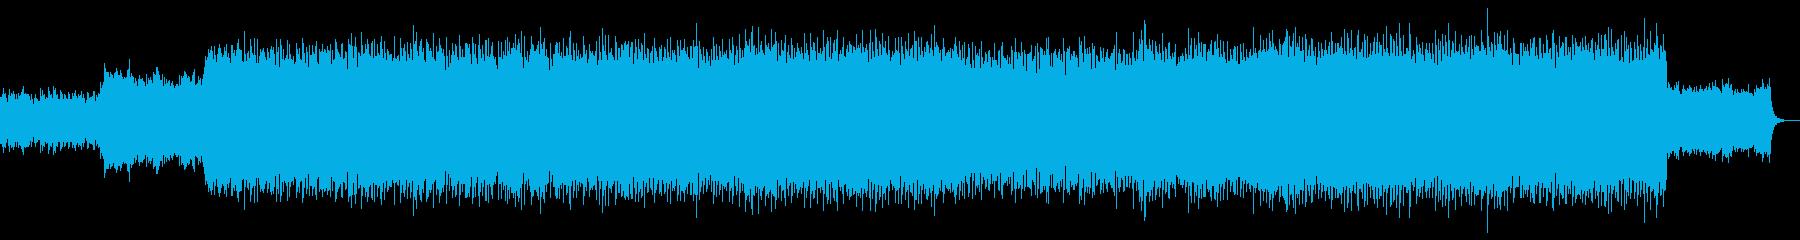 爽やかで勢いのあるギターポップロックの再生済みの波形